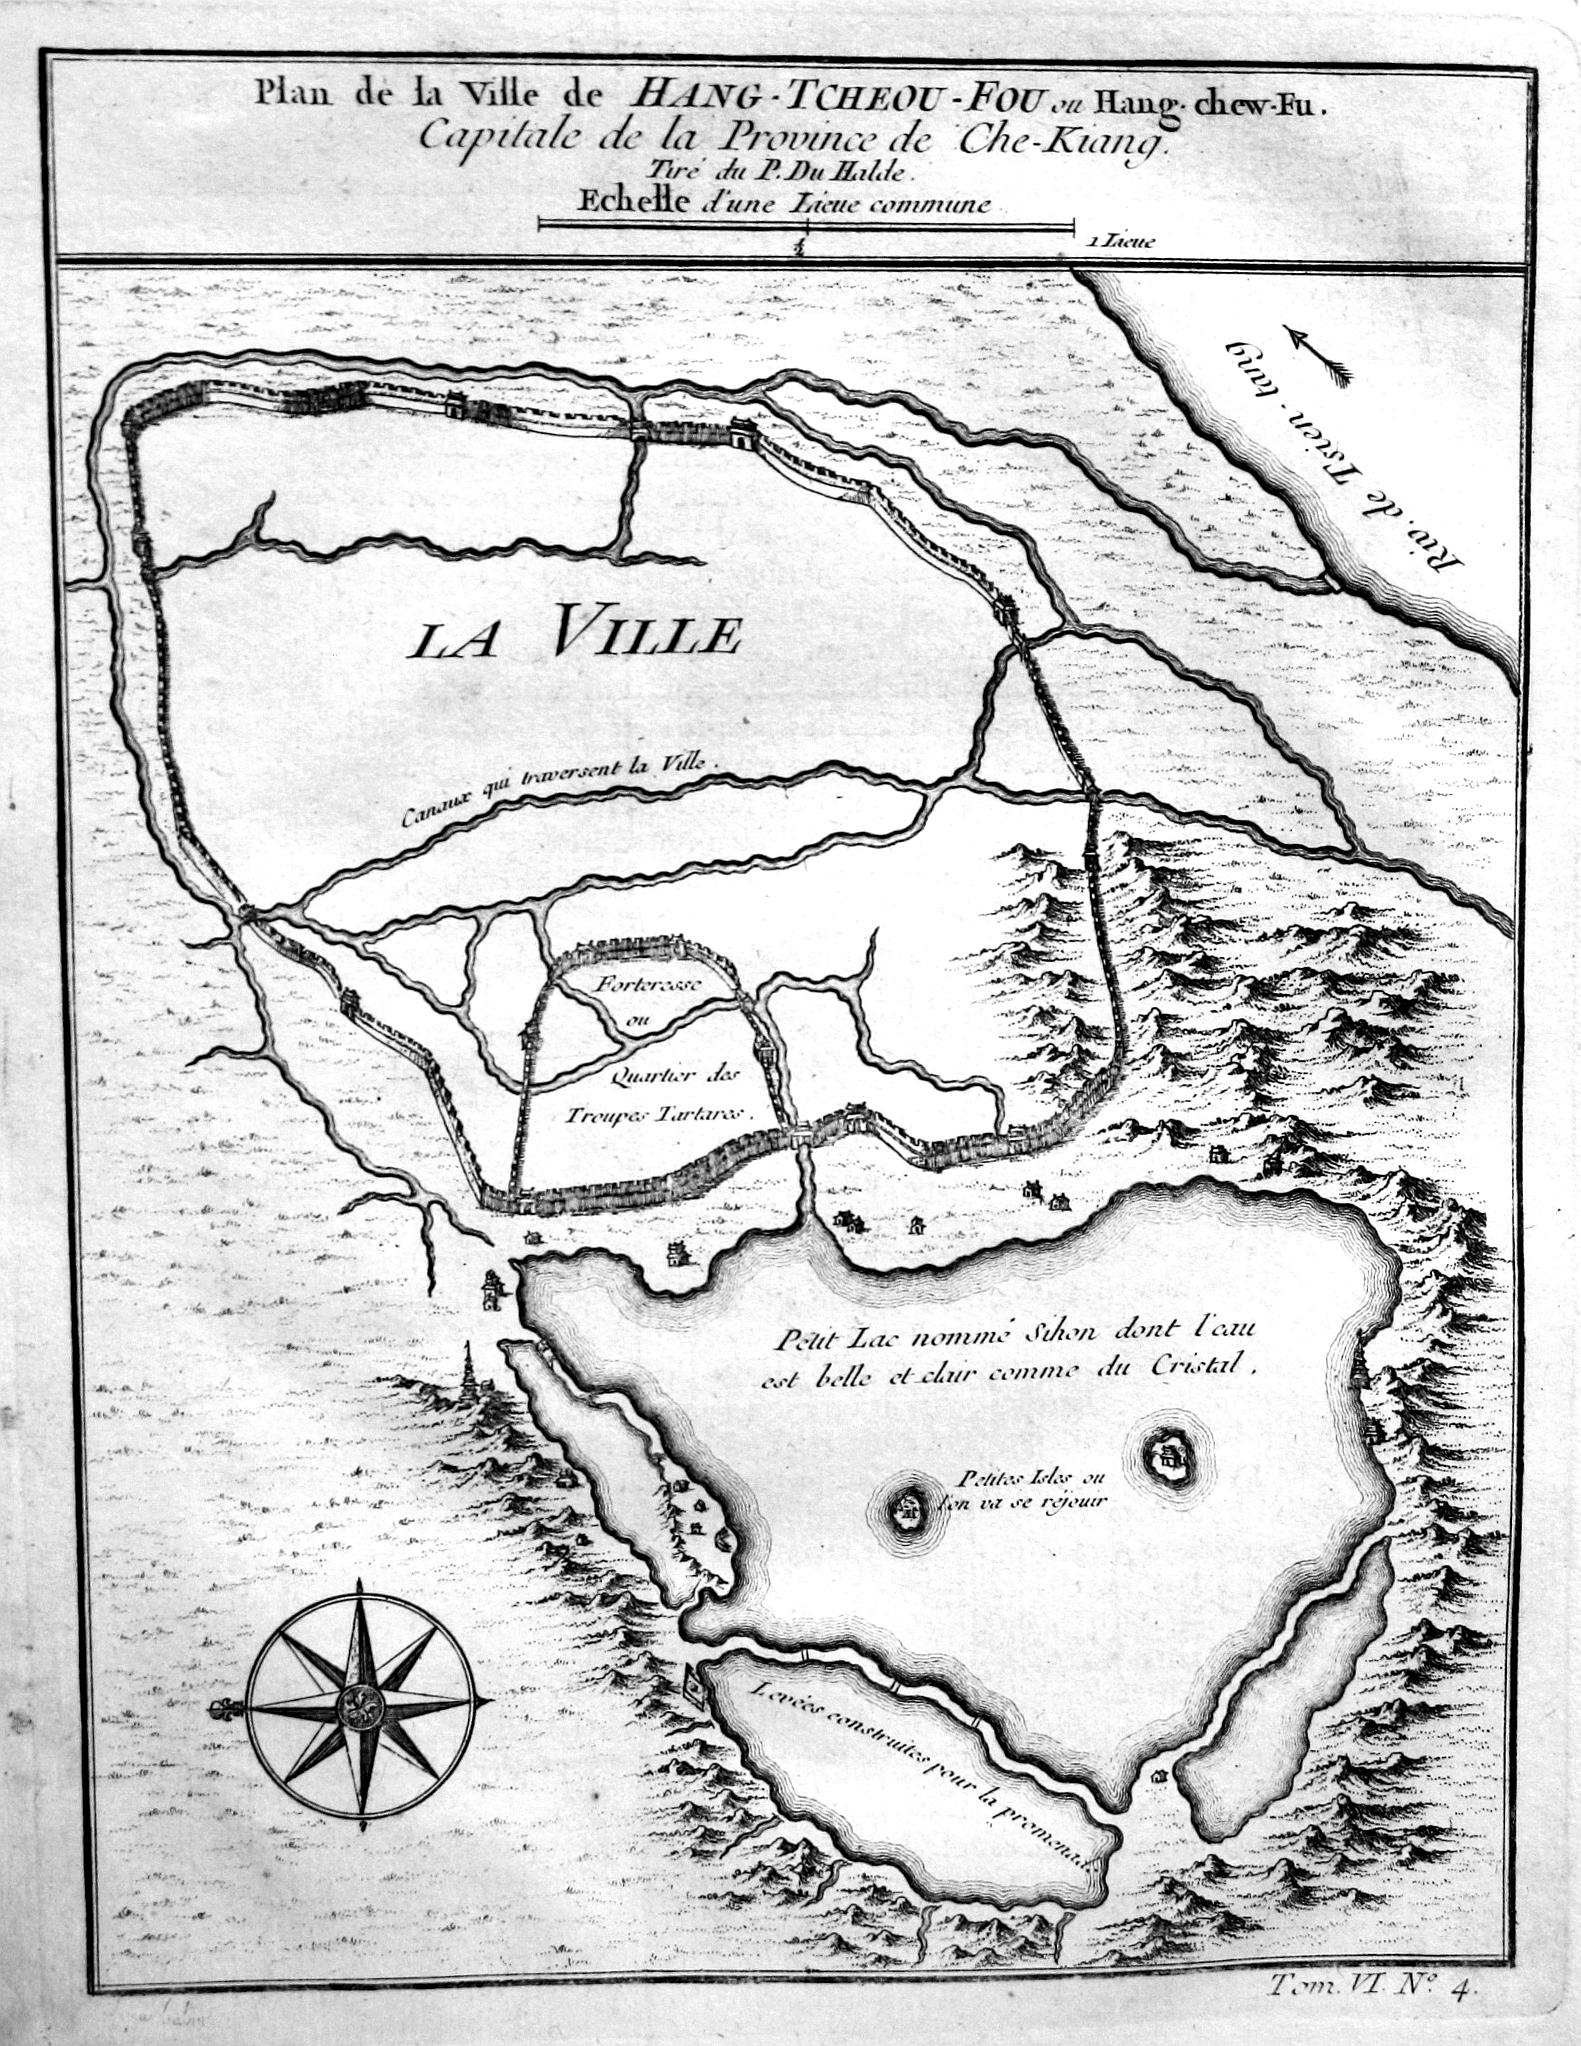 Plan de la Ville de Hang-Tcheou-Fou ou: Bellin, Jacques-Nicolas: